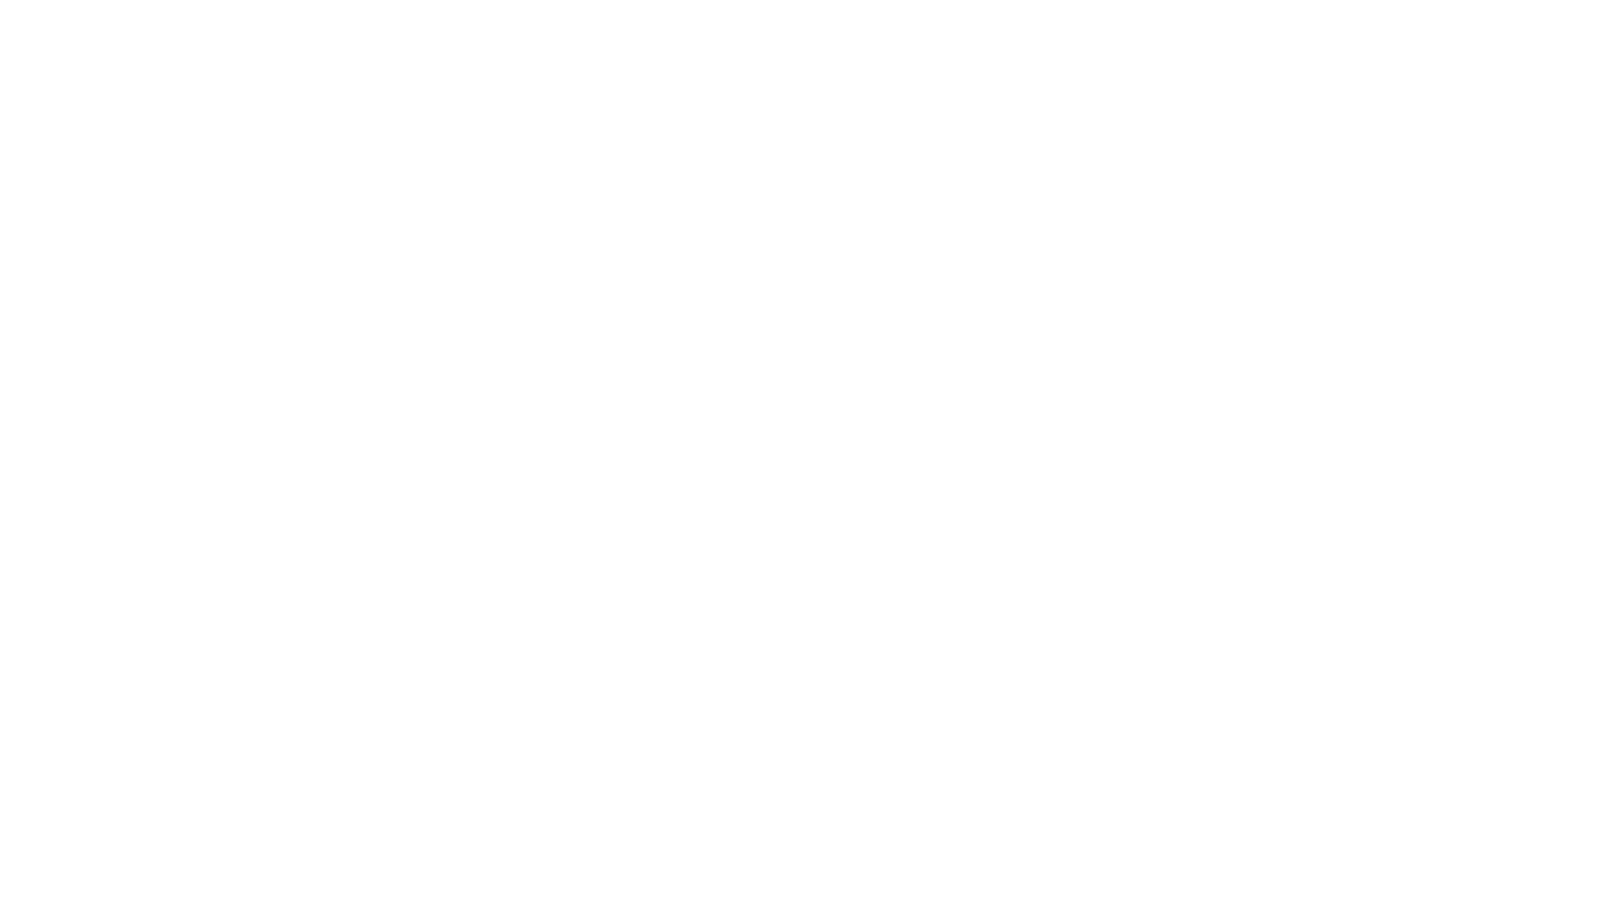 Hier zien jullie enkele beelden van werkzaamheden die vooraf gaan aan het eindresultaat van een geïsoleerd plat dak. Van isoleren tot branden van de dakranden. Ook zie je werkzaamheden zoals het plaatsen van afvoerpunten voor de goten.  https://dakwerkenlimburg.nl  https://facebook.com/dakwerkenlimburg